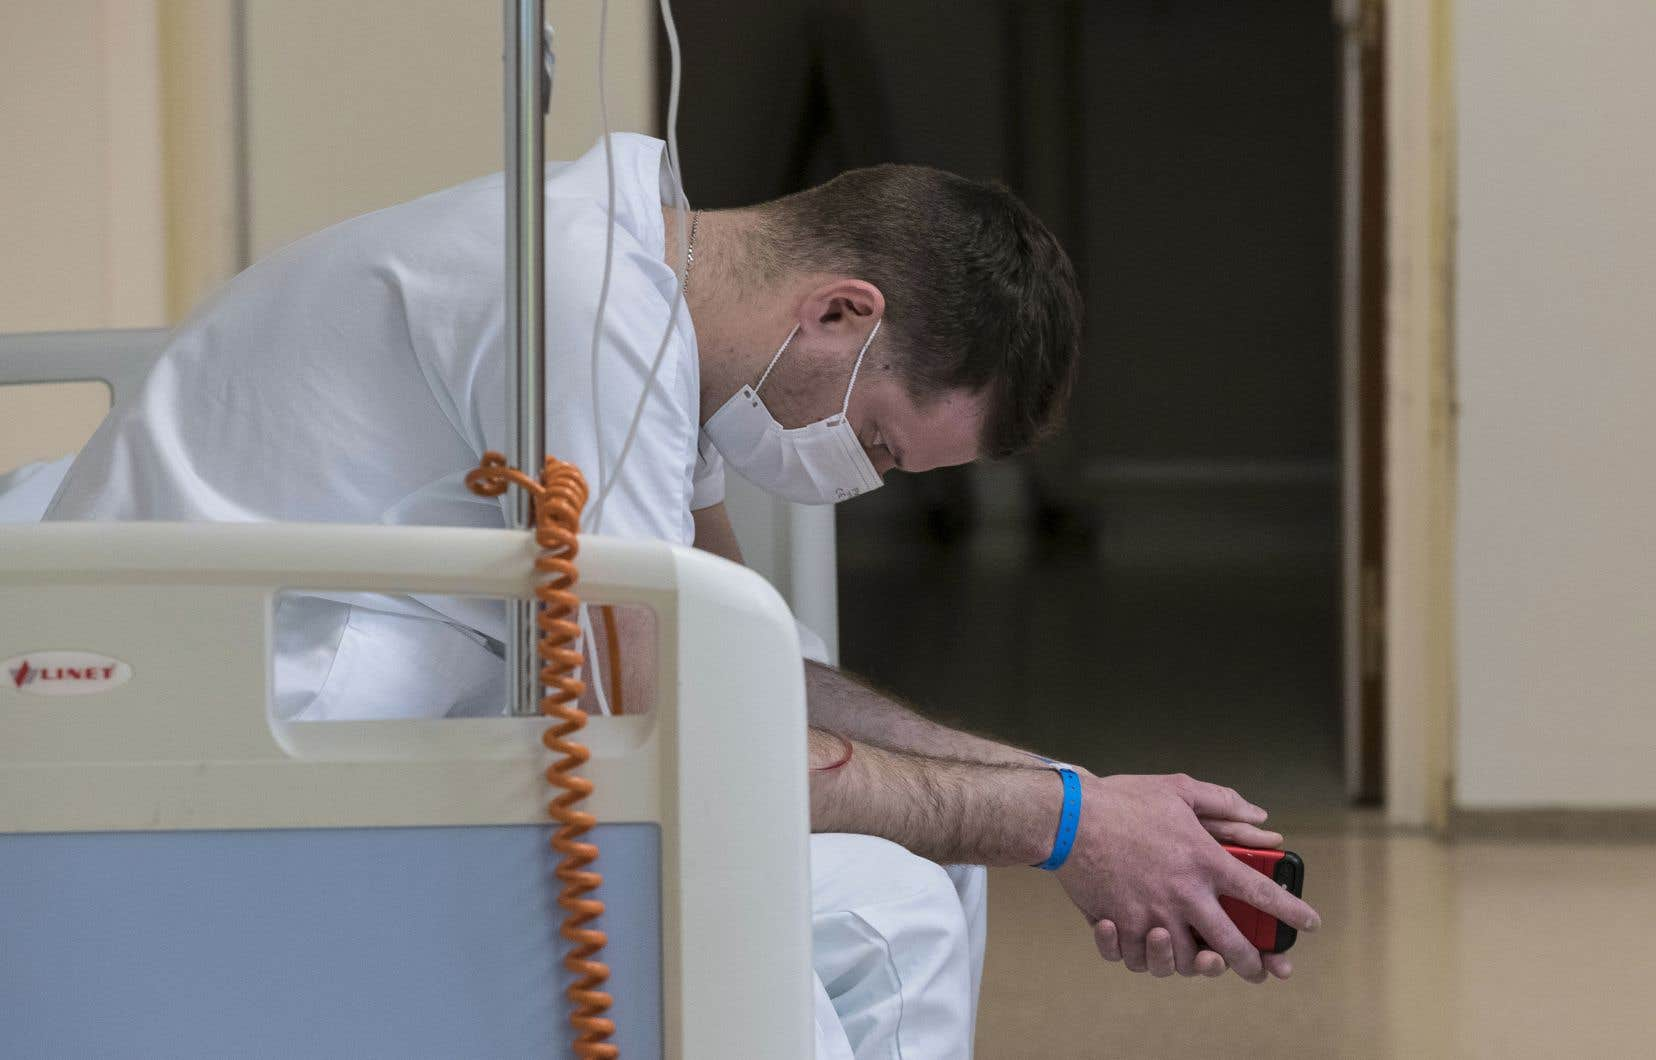 Les effets de la crise actuelle sur le personnel soignant pourraient se faire ressentir pendant deux ans.